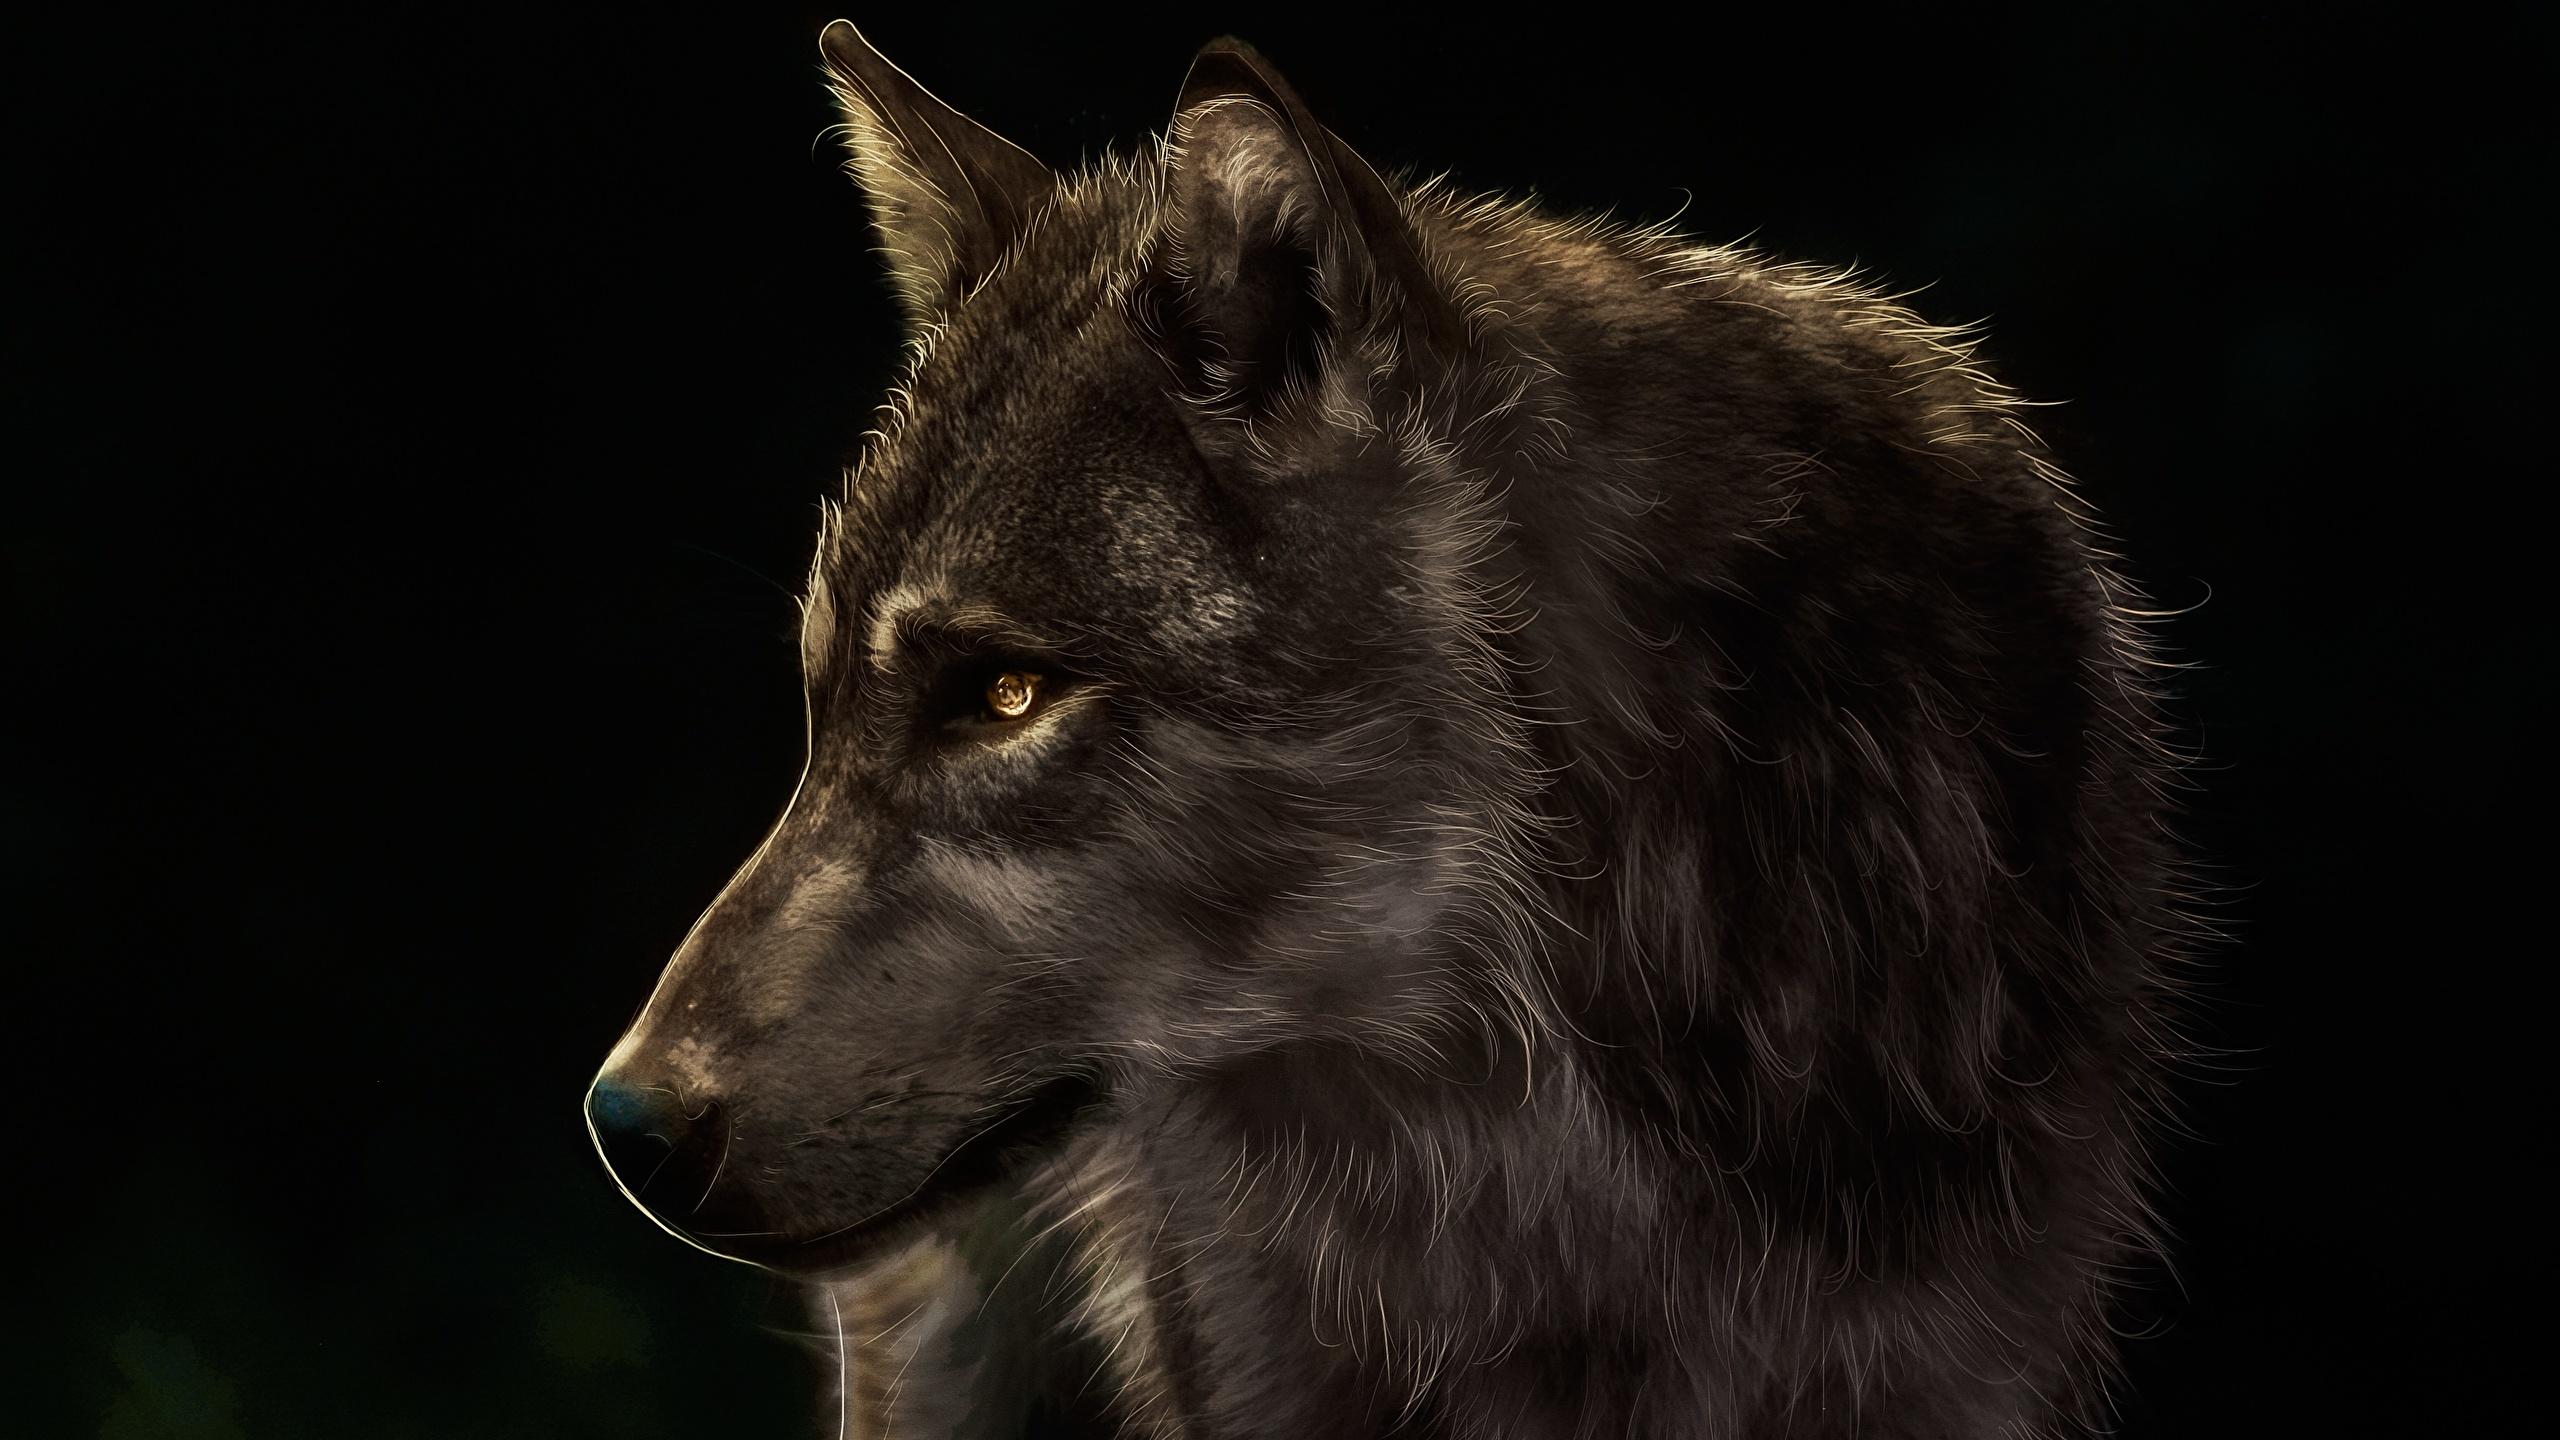 Fonds d'ecran 2560x1440 Loup Dessiné Tête Fond noir Animaux télécharger photo